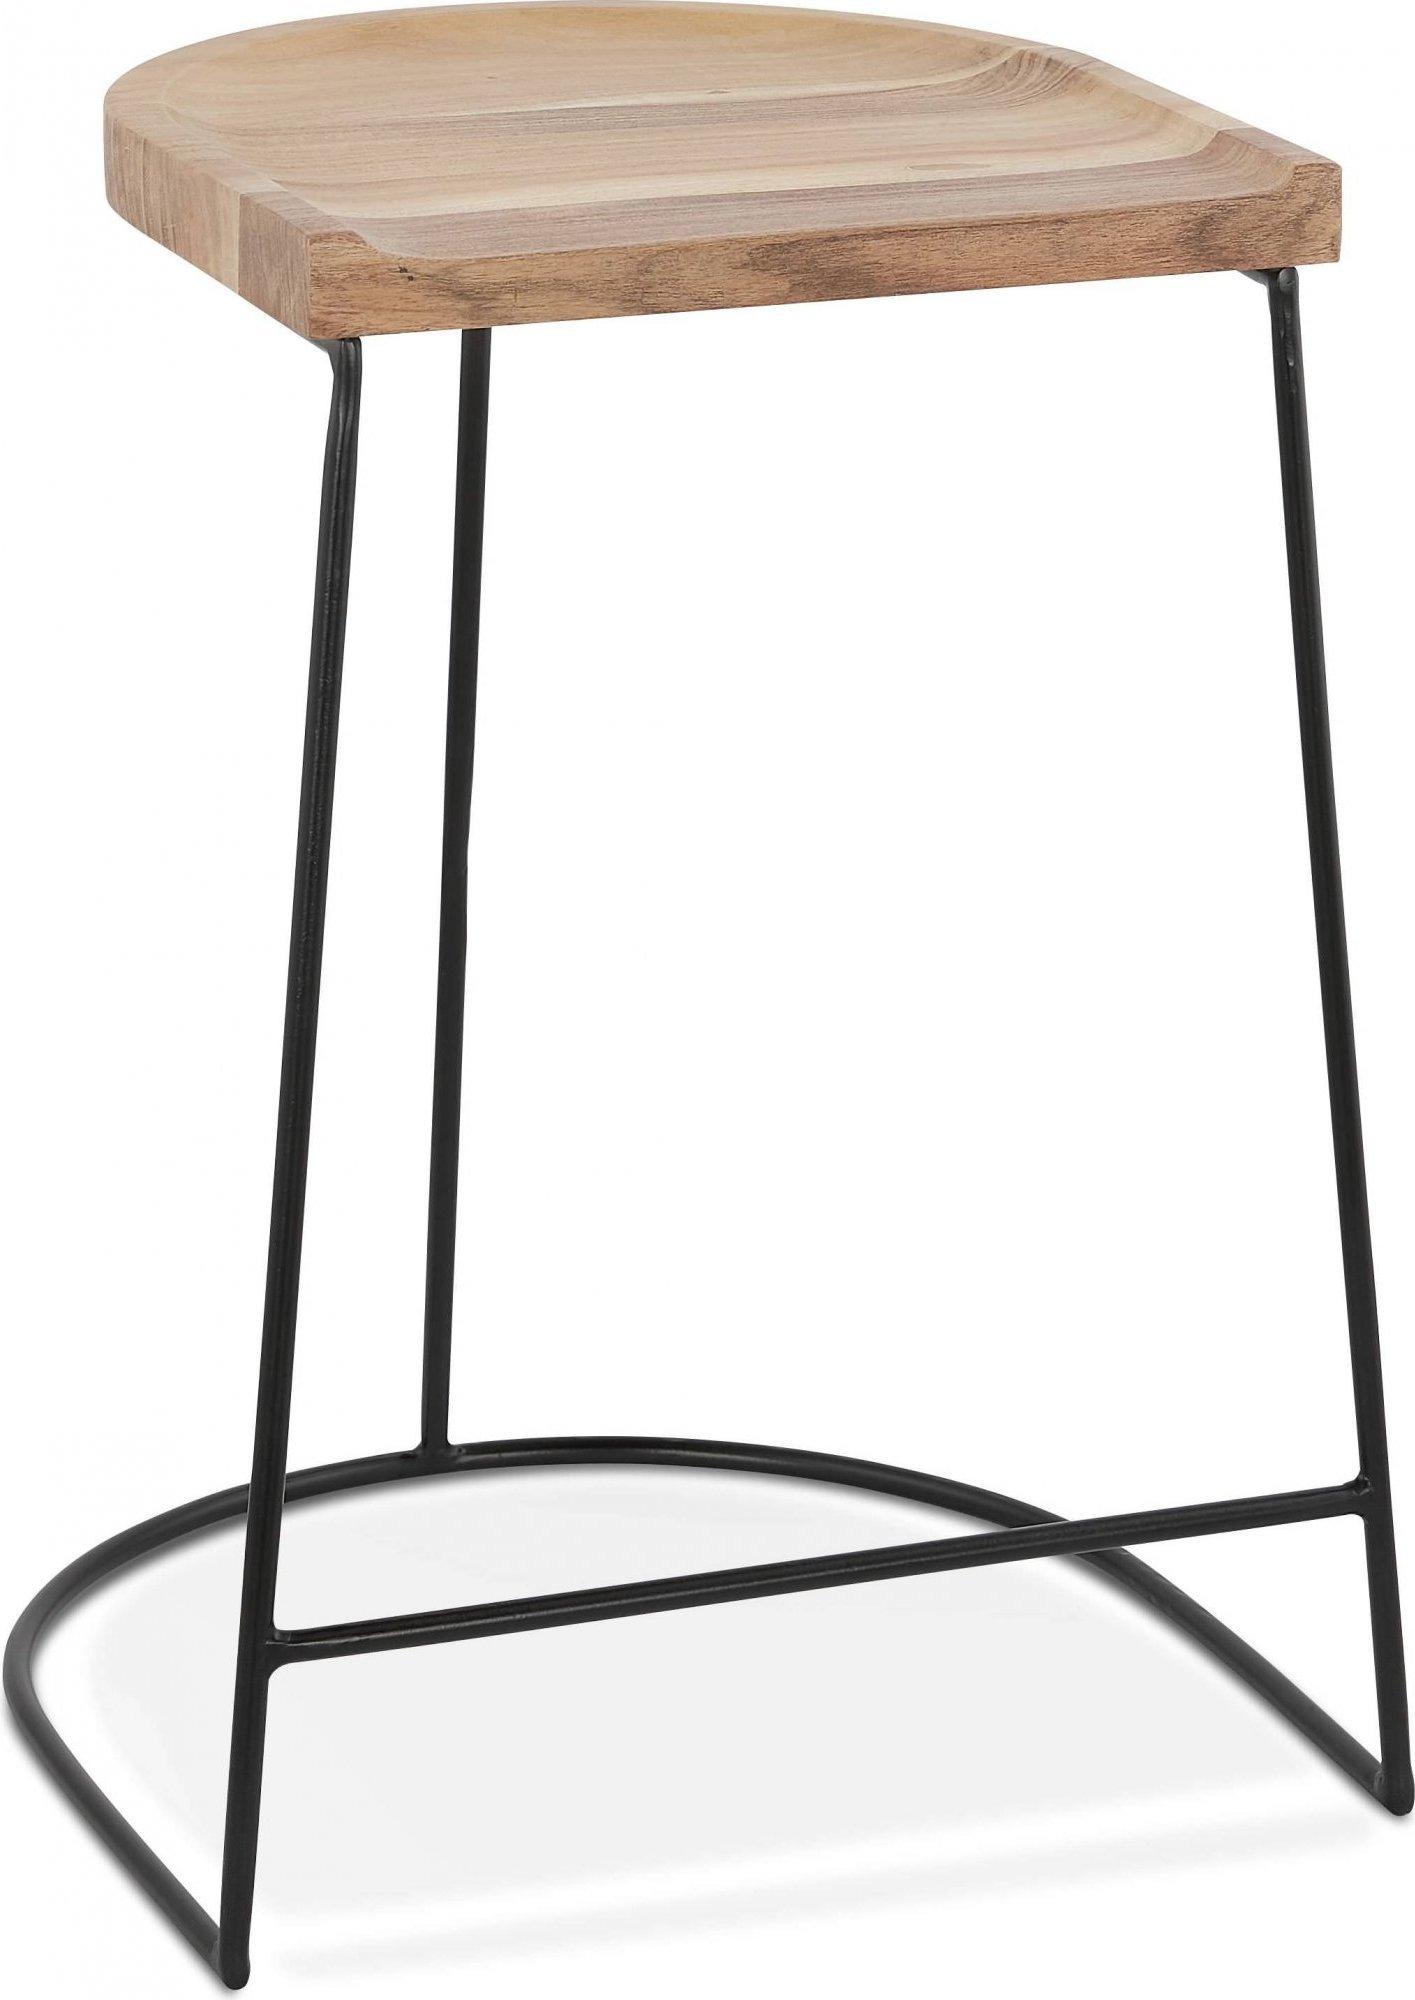 Tabouret de bar tradition assise bois h assise 65cm